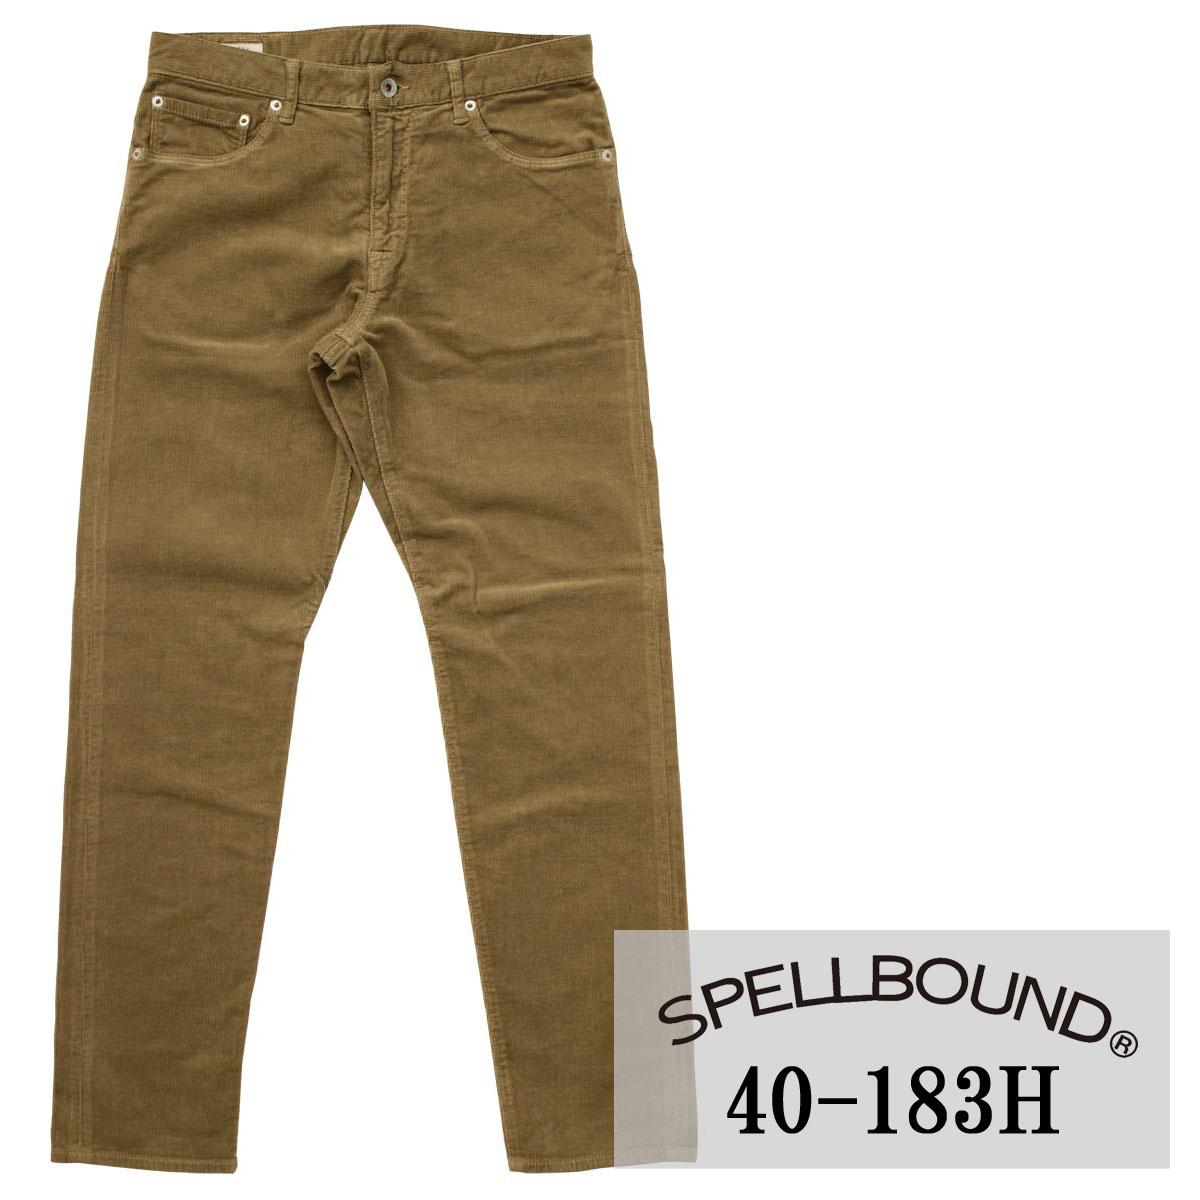 SPELLBOUND:ストレッチ コーデュロイ 5P スリムパンツ(モカブラウン):40-183H スペルバウンド メンズ 裾上げ 冬用 冬服